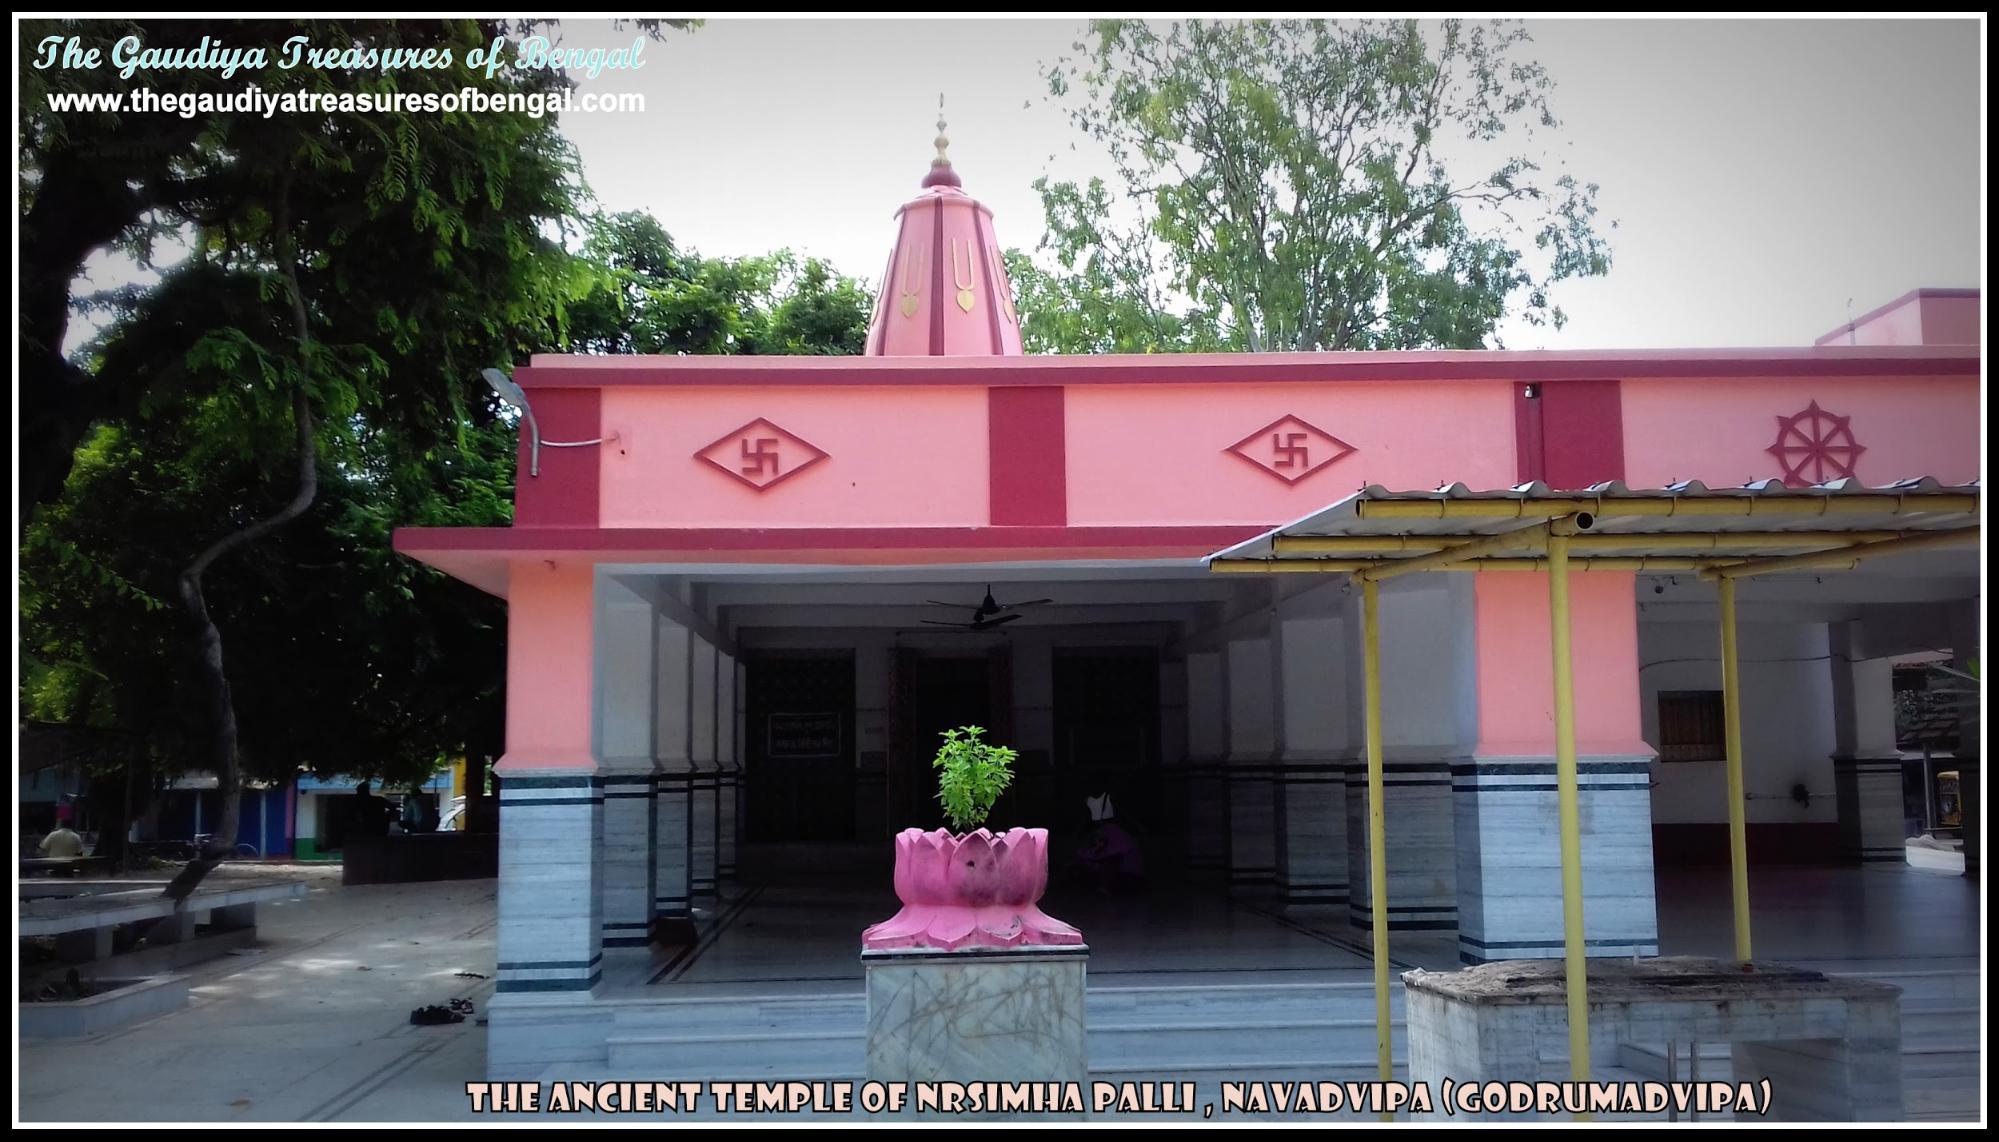 nrsimhapalli